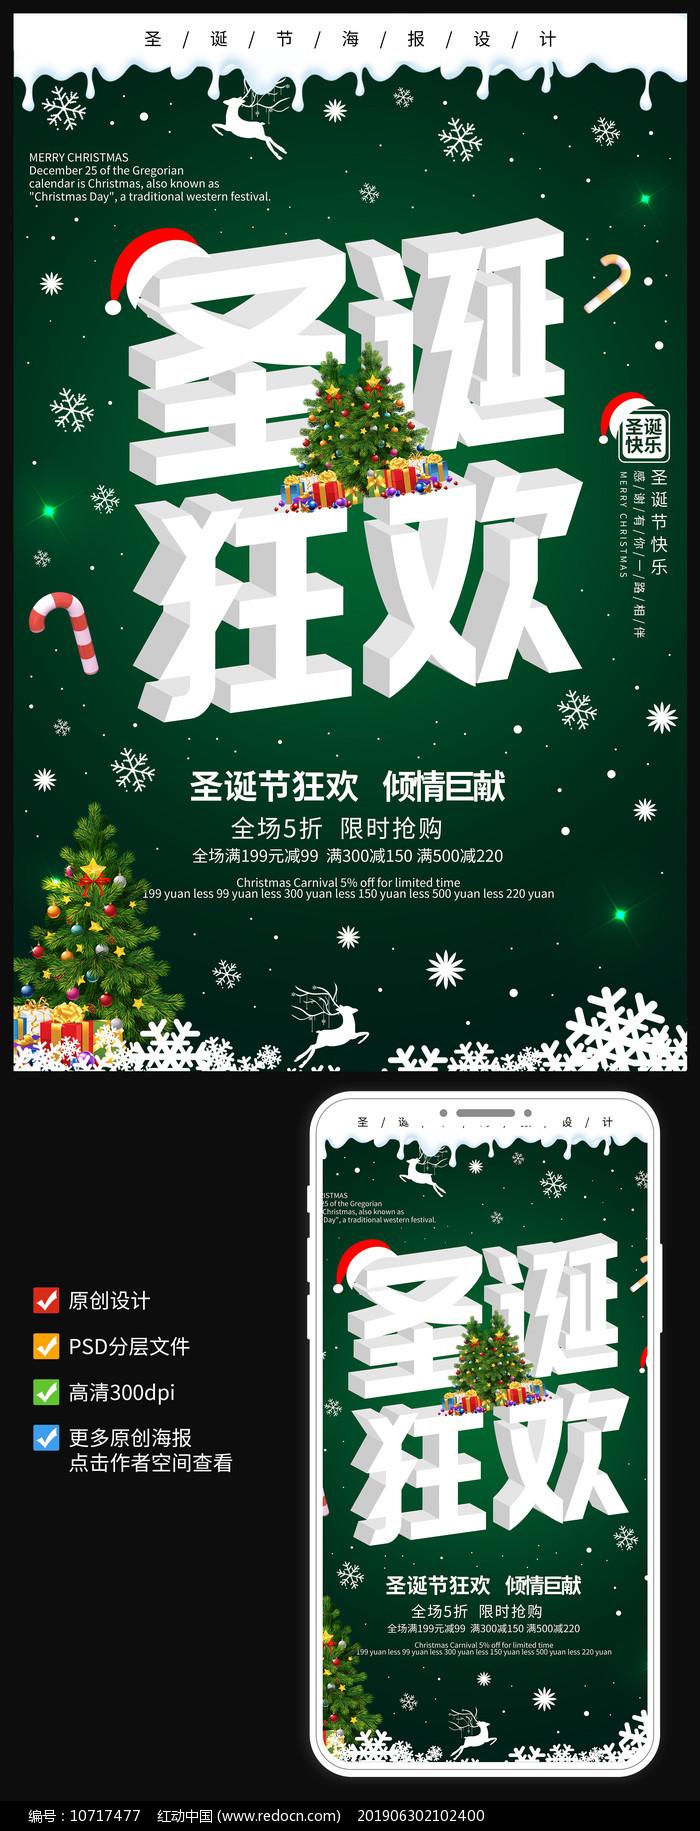 圣诞节狂欢宣传促销海报图片